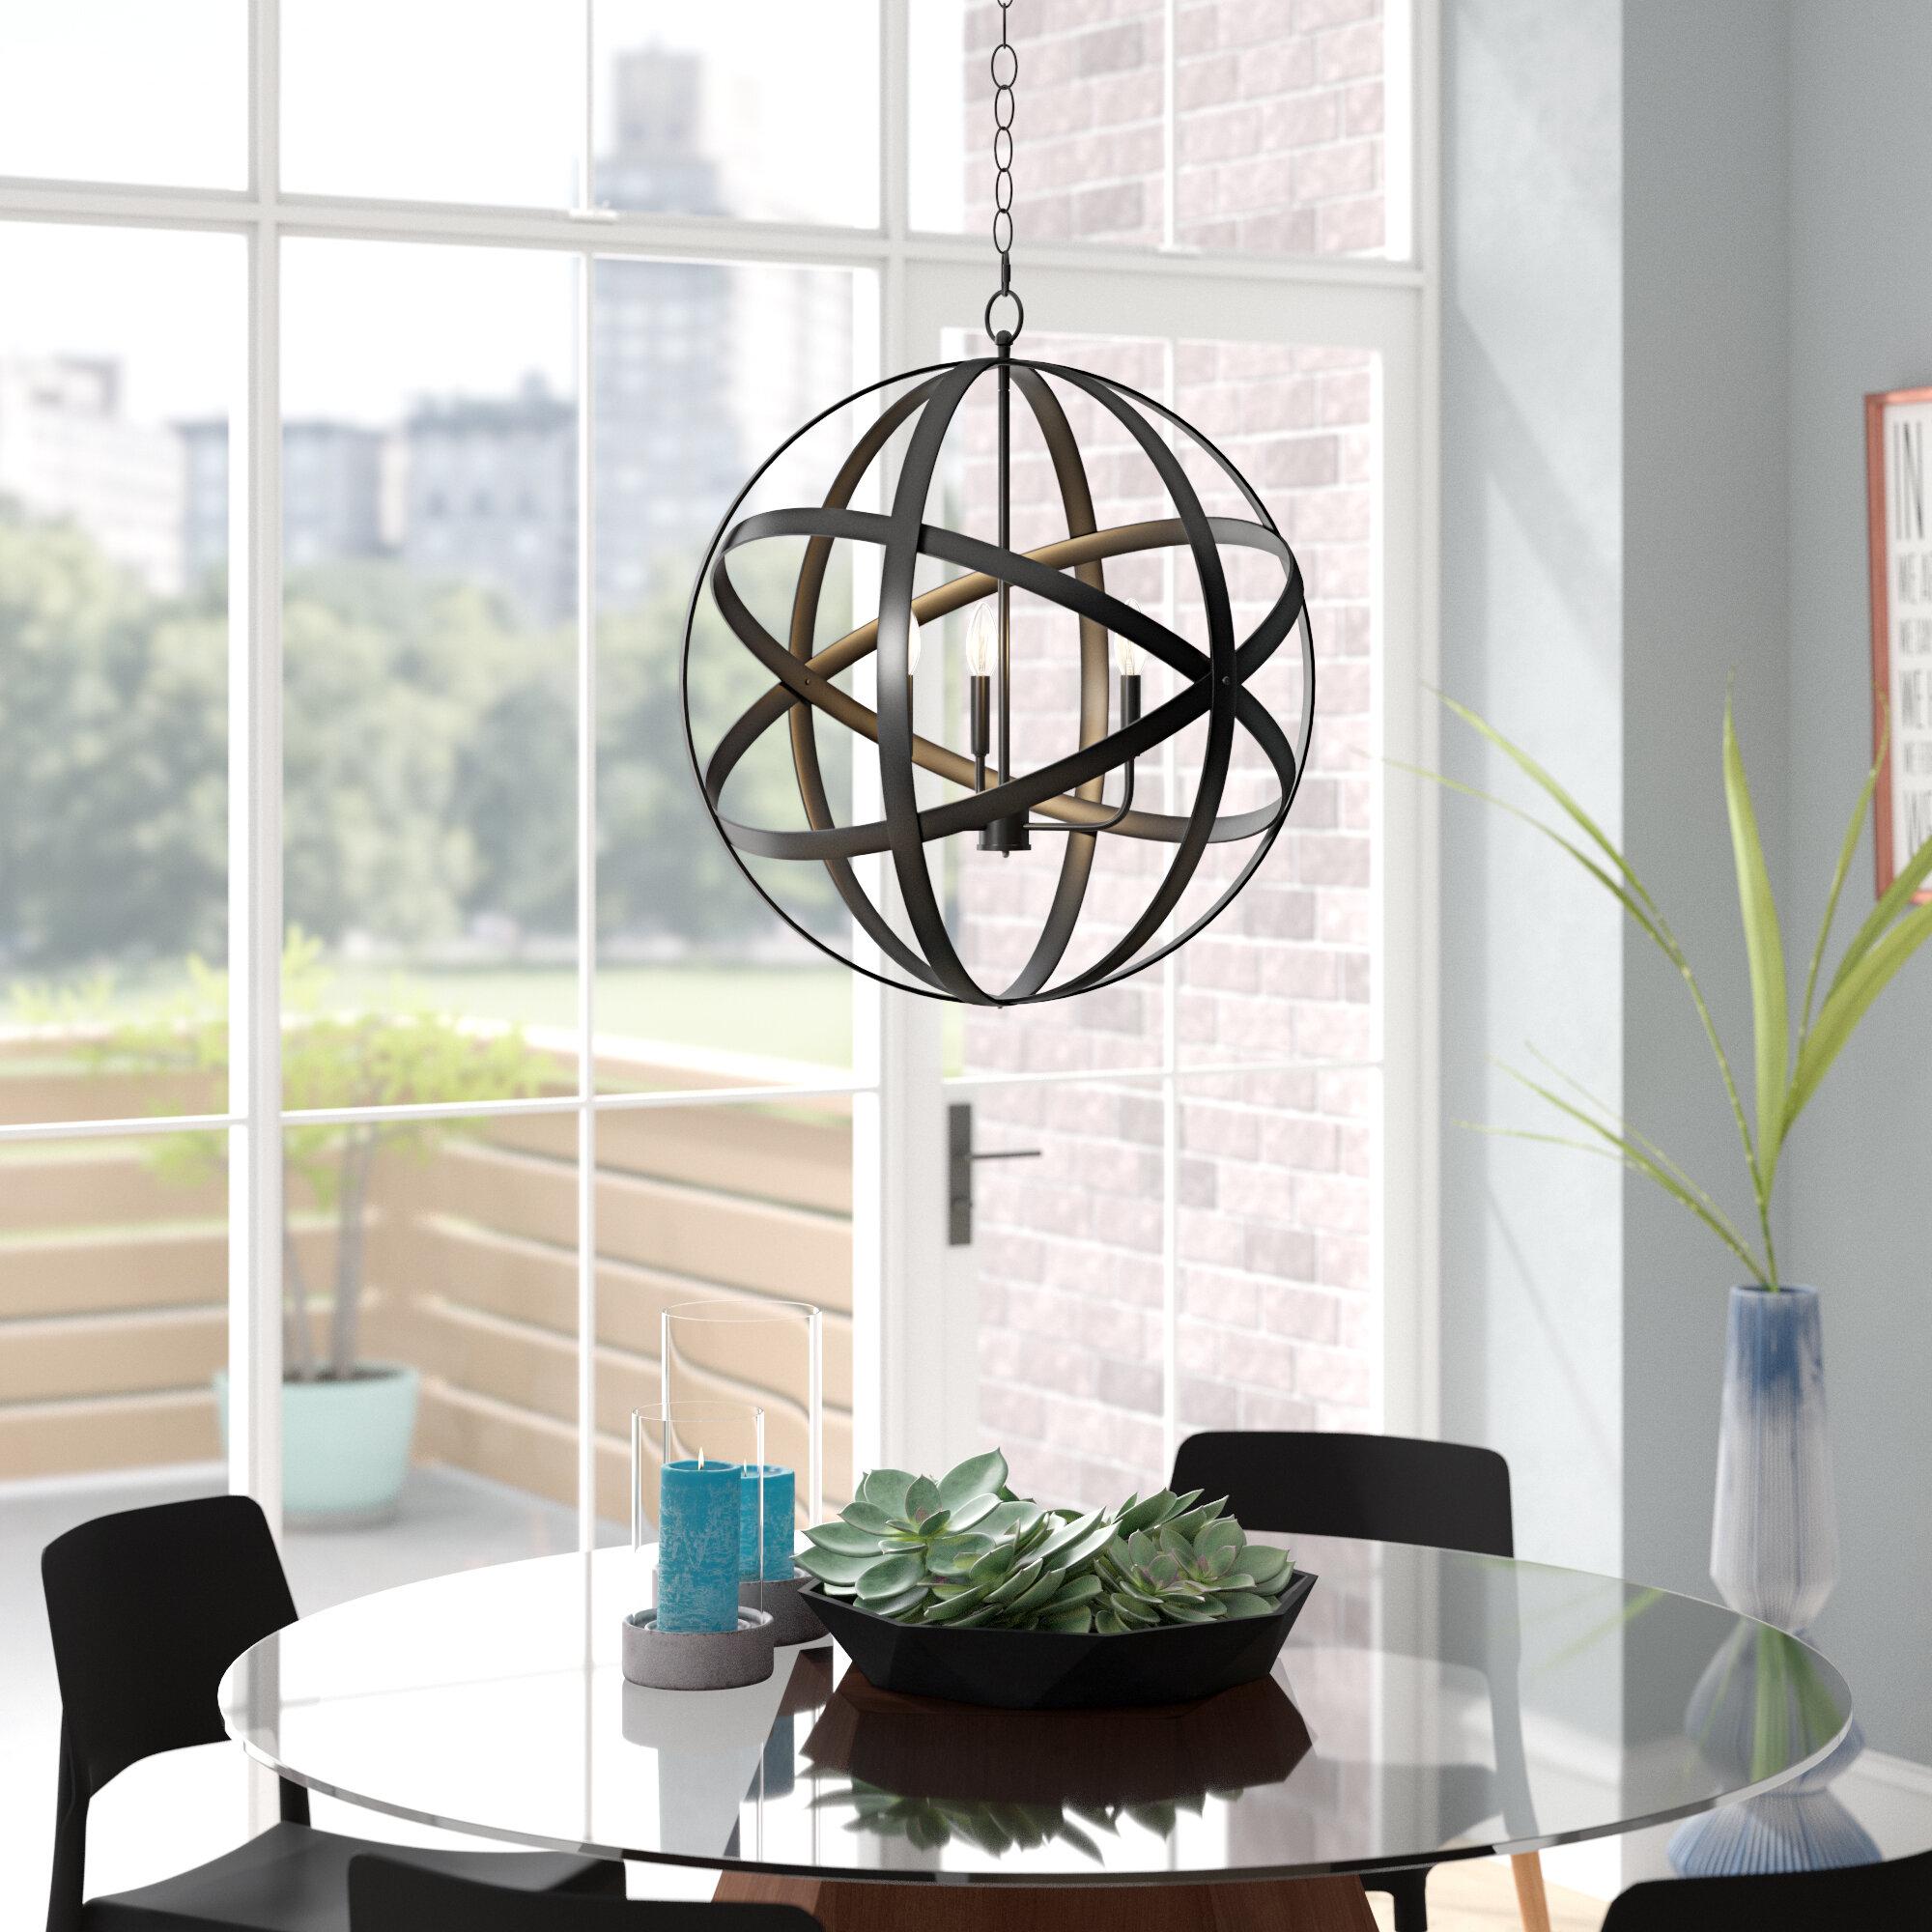 Ealey 1-Light Single Globe Pendant in Irwin 1-Light Single Globe Pendants (Image 7 of 30)